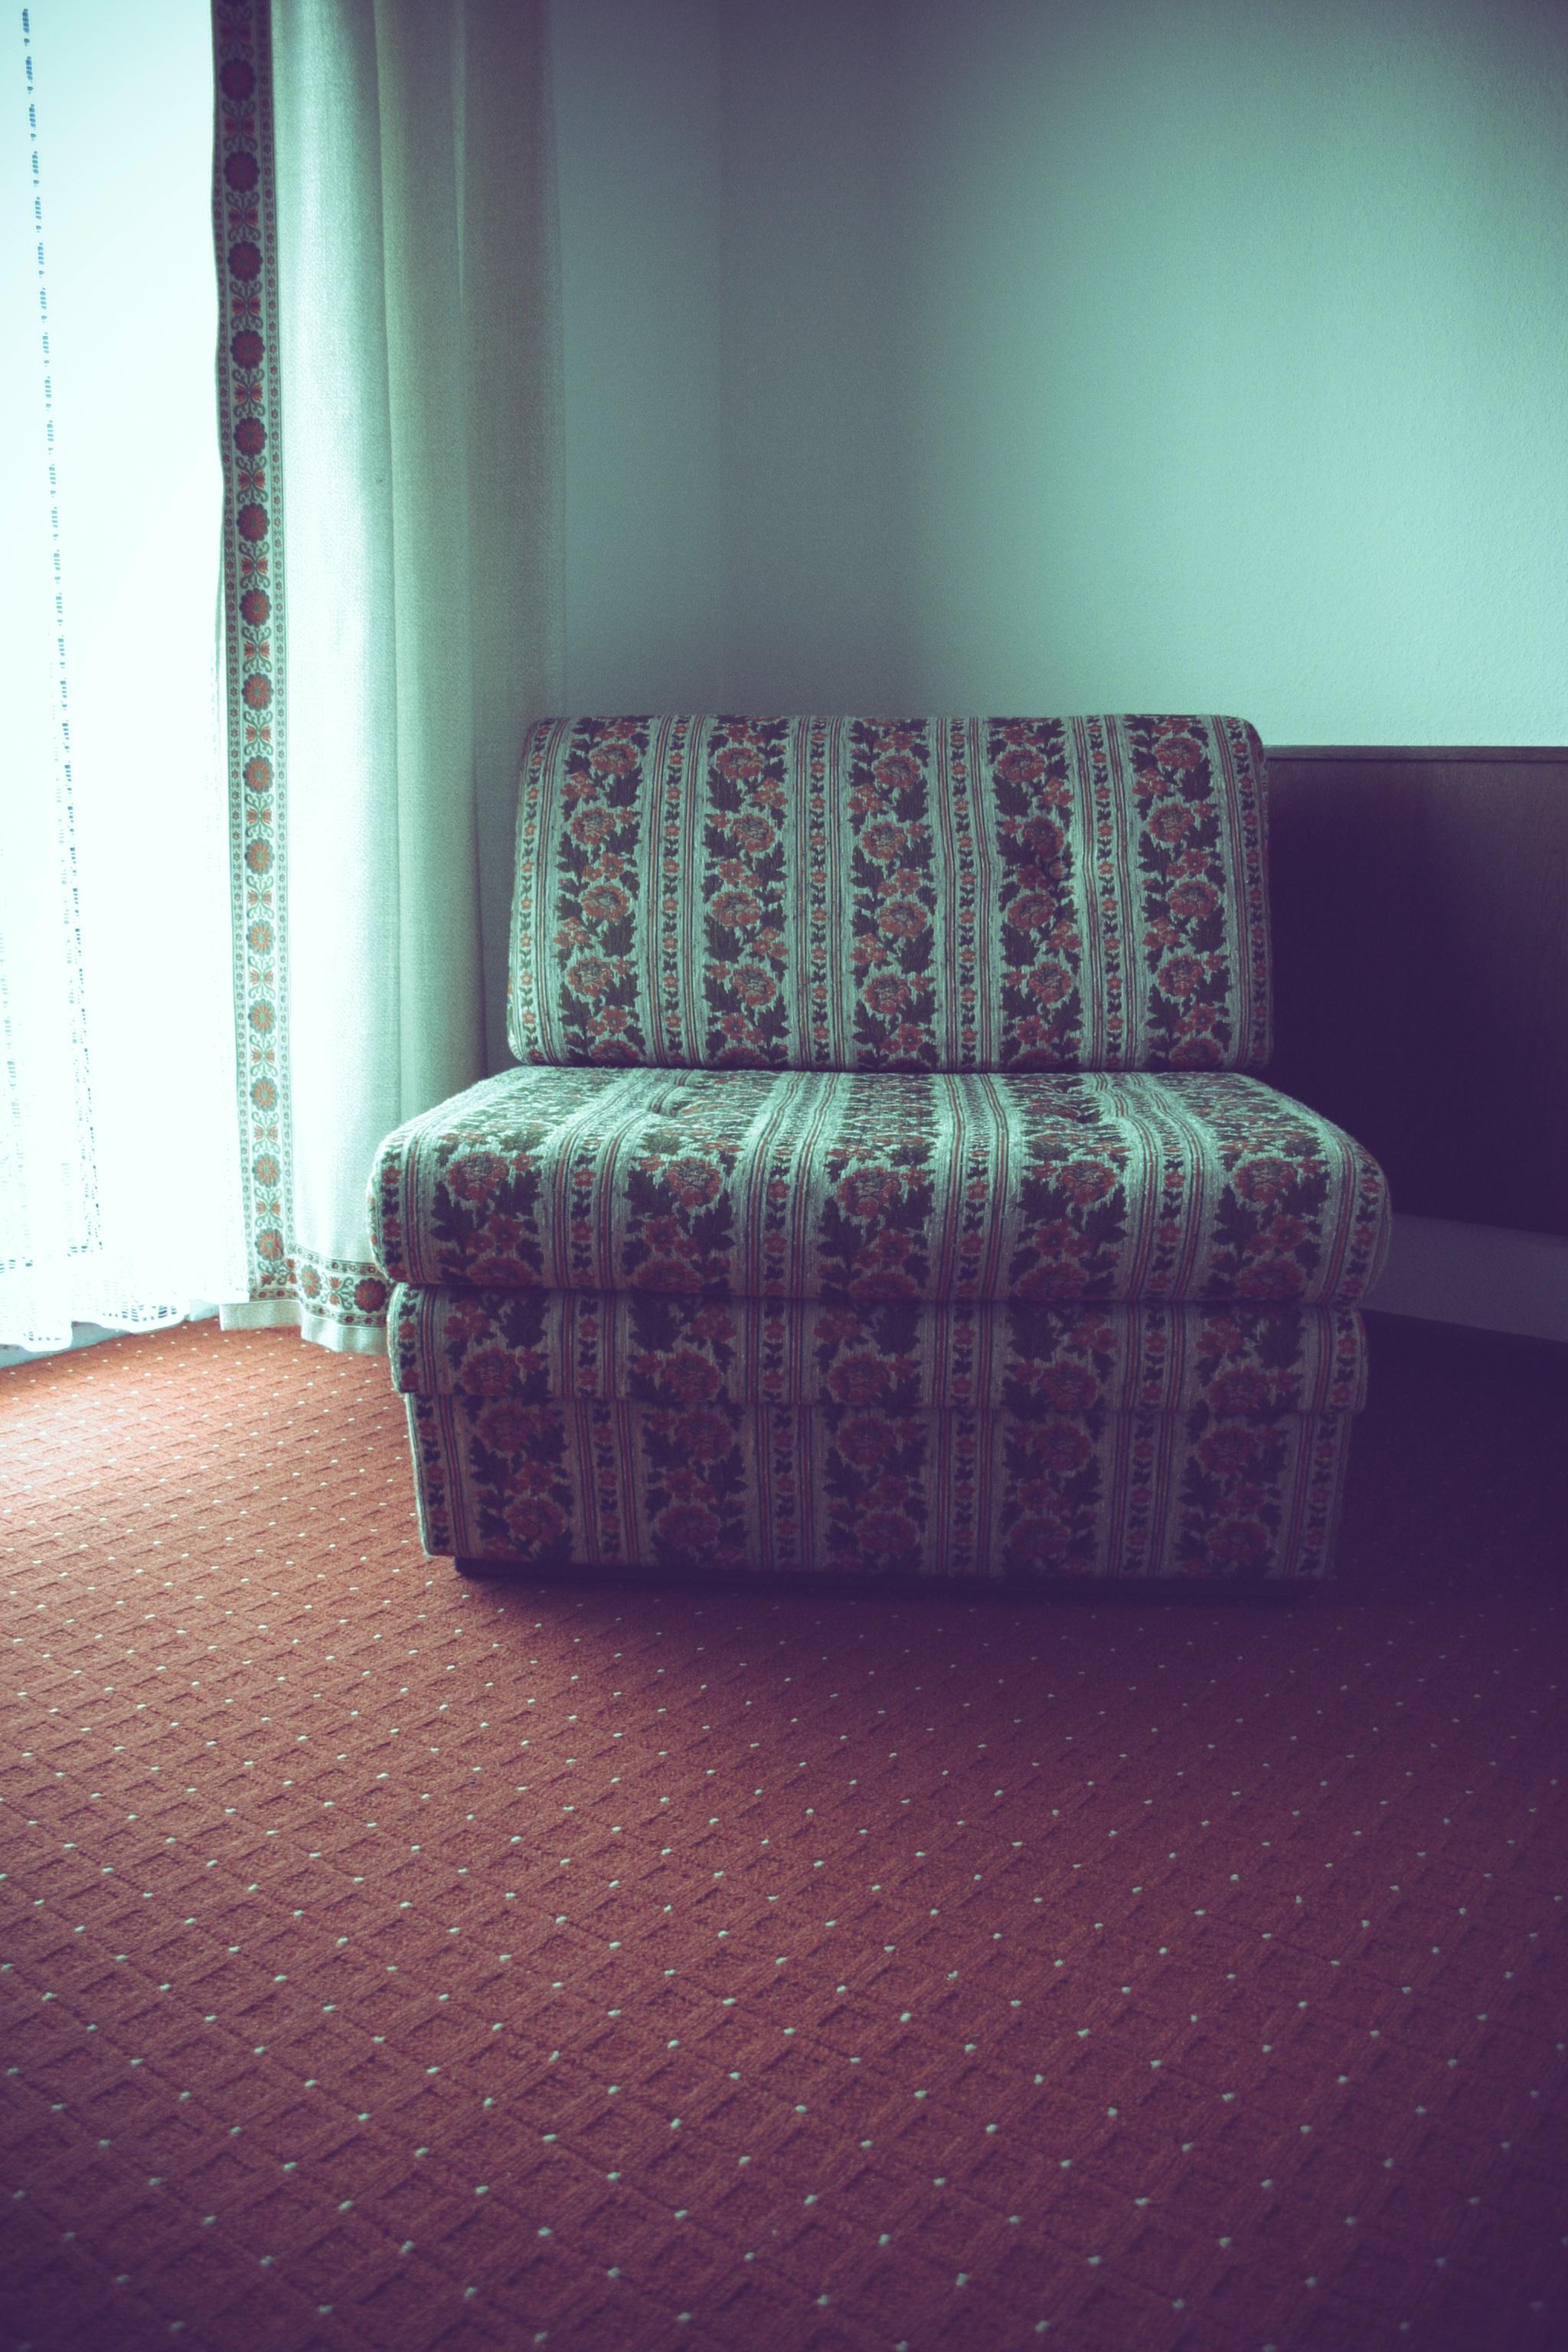 Images Gratuites Table Chaise Sol Vert Couleur Bleu Salon  # Salon Meuble En Vert